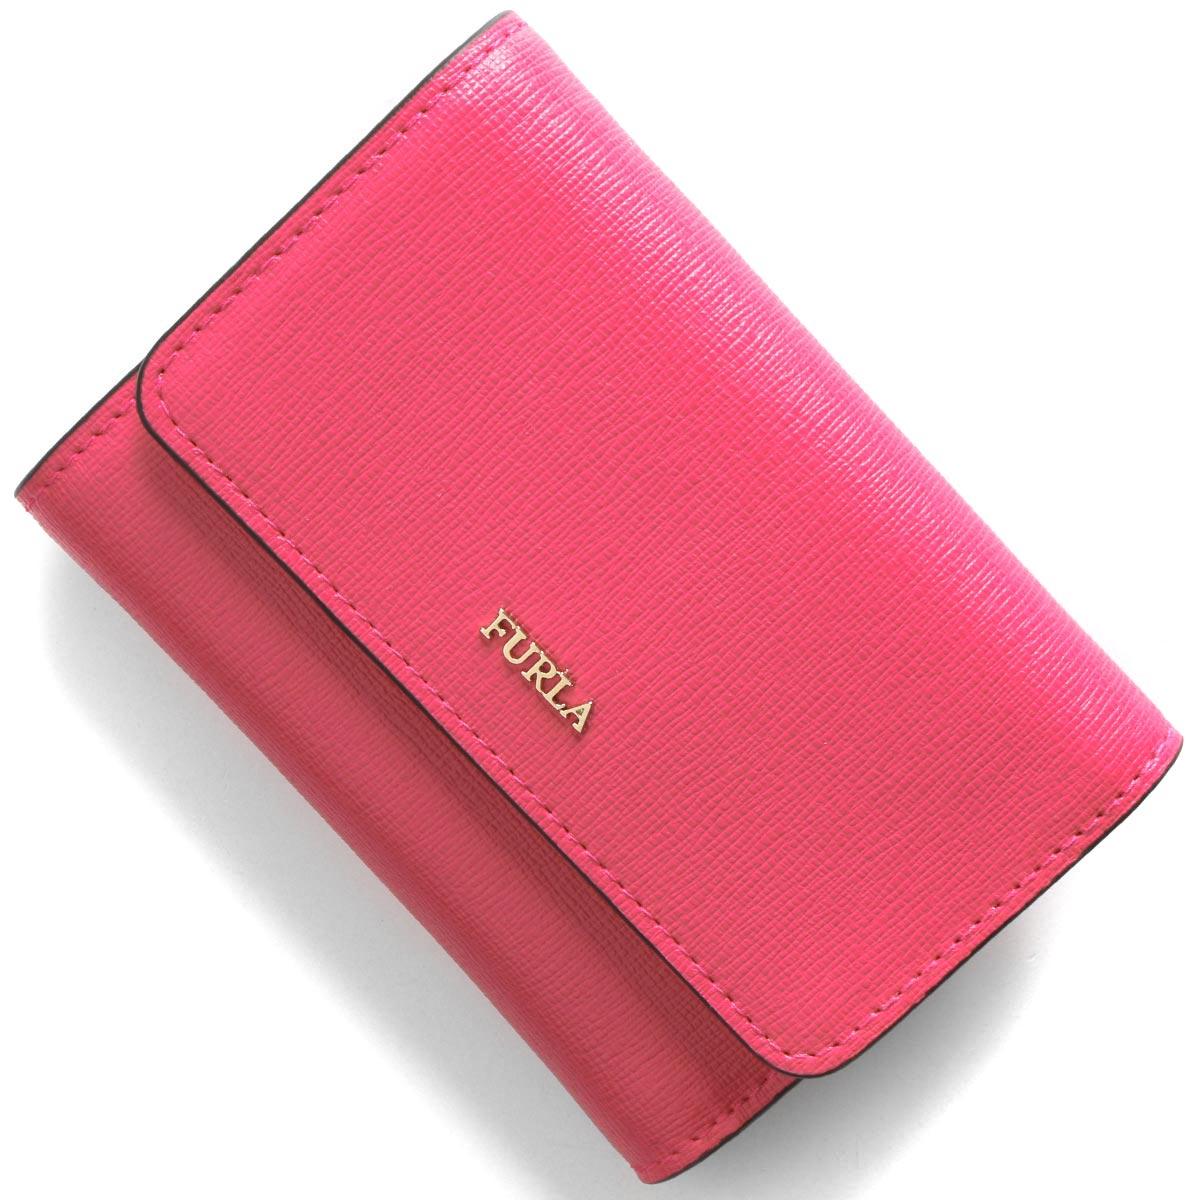 フルラ 三つ折り財布 財布 レディース バビロン スモール リップスティックピンク PR76 B30 TJA 1046188 FURLA